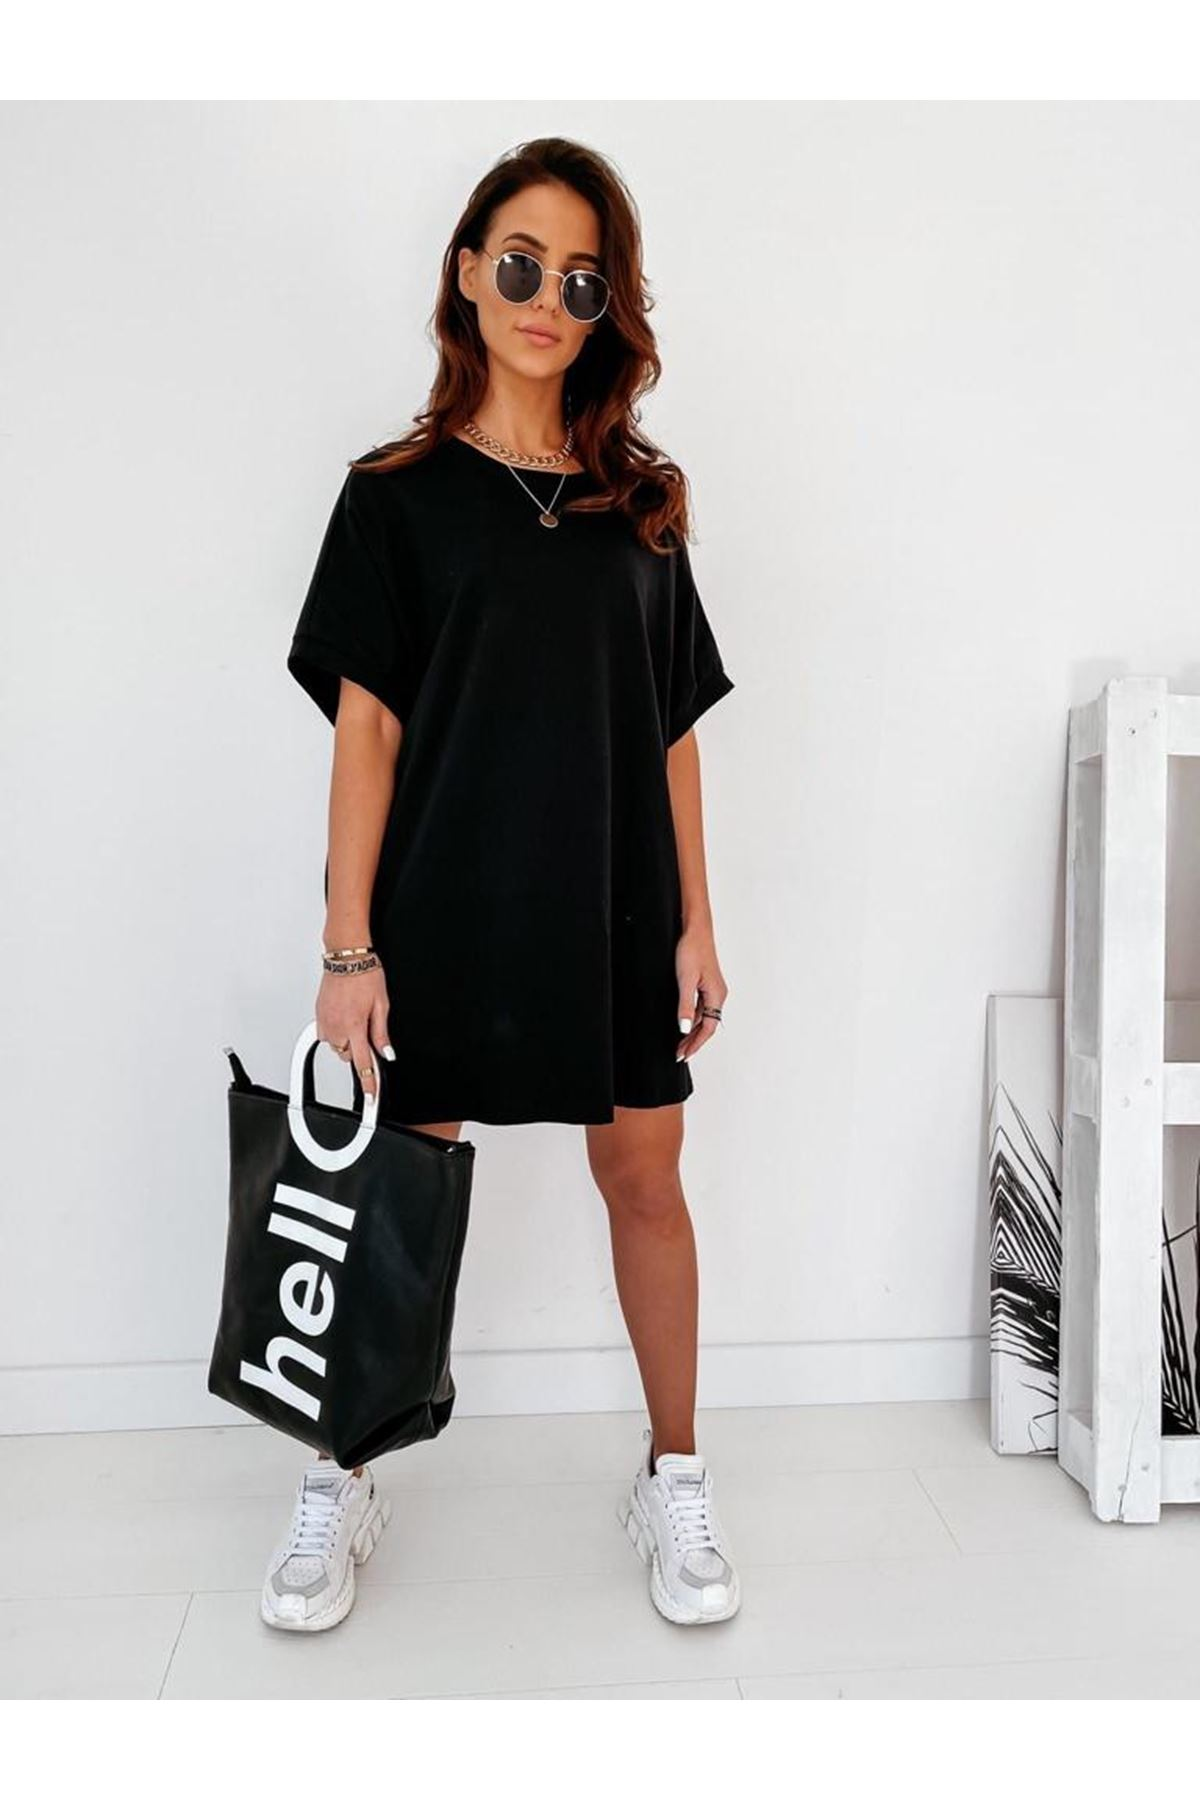 Kanat Baskılı Spor Elbise VS316  SİYAH